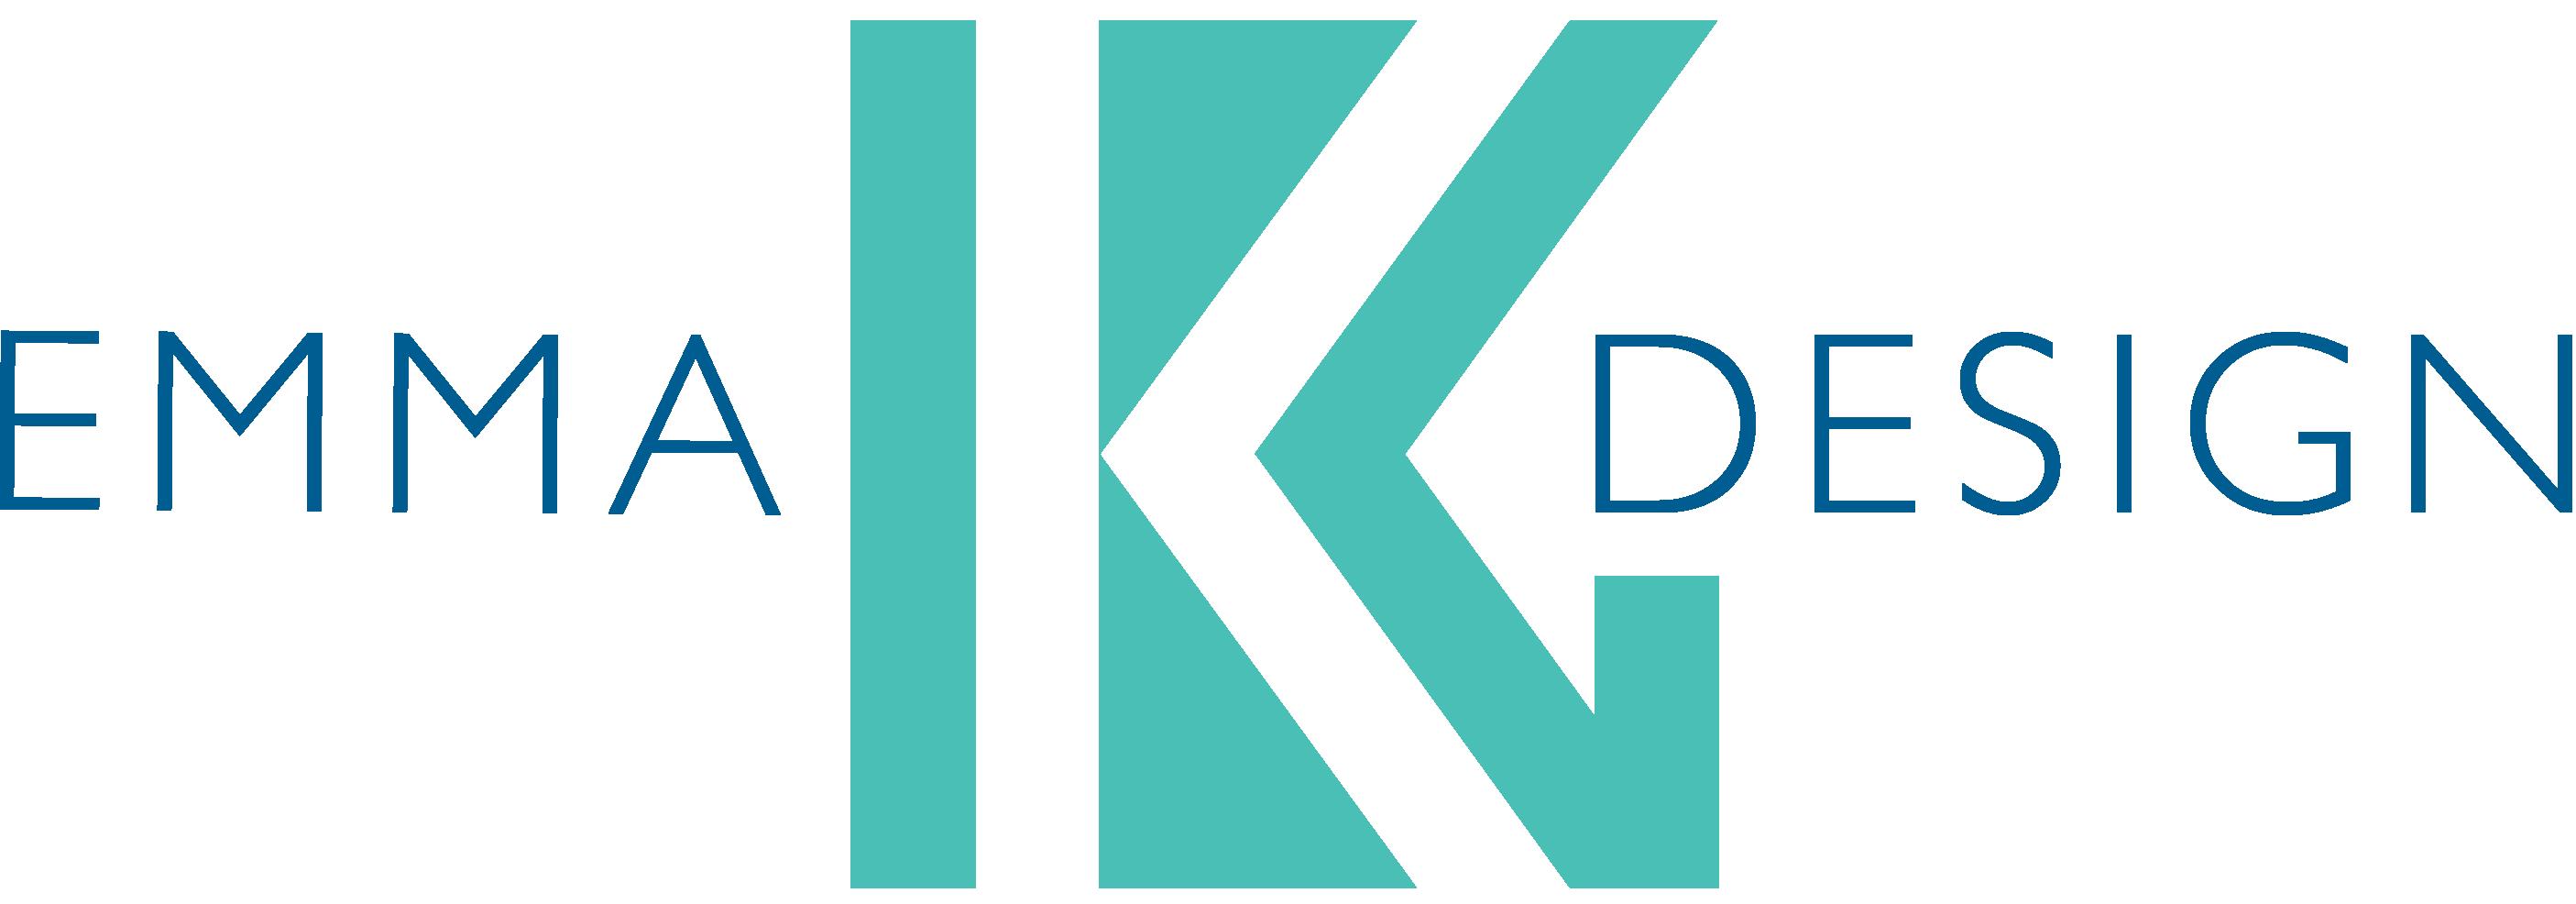 Emma KG Design